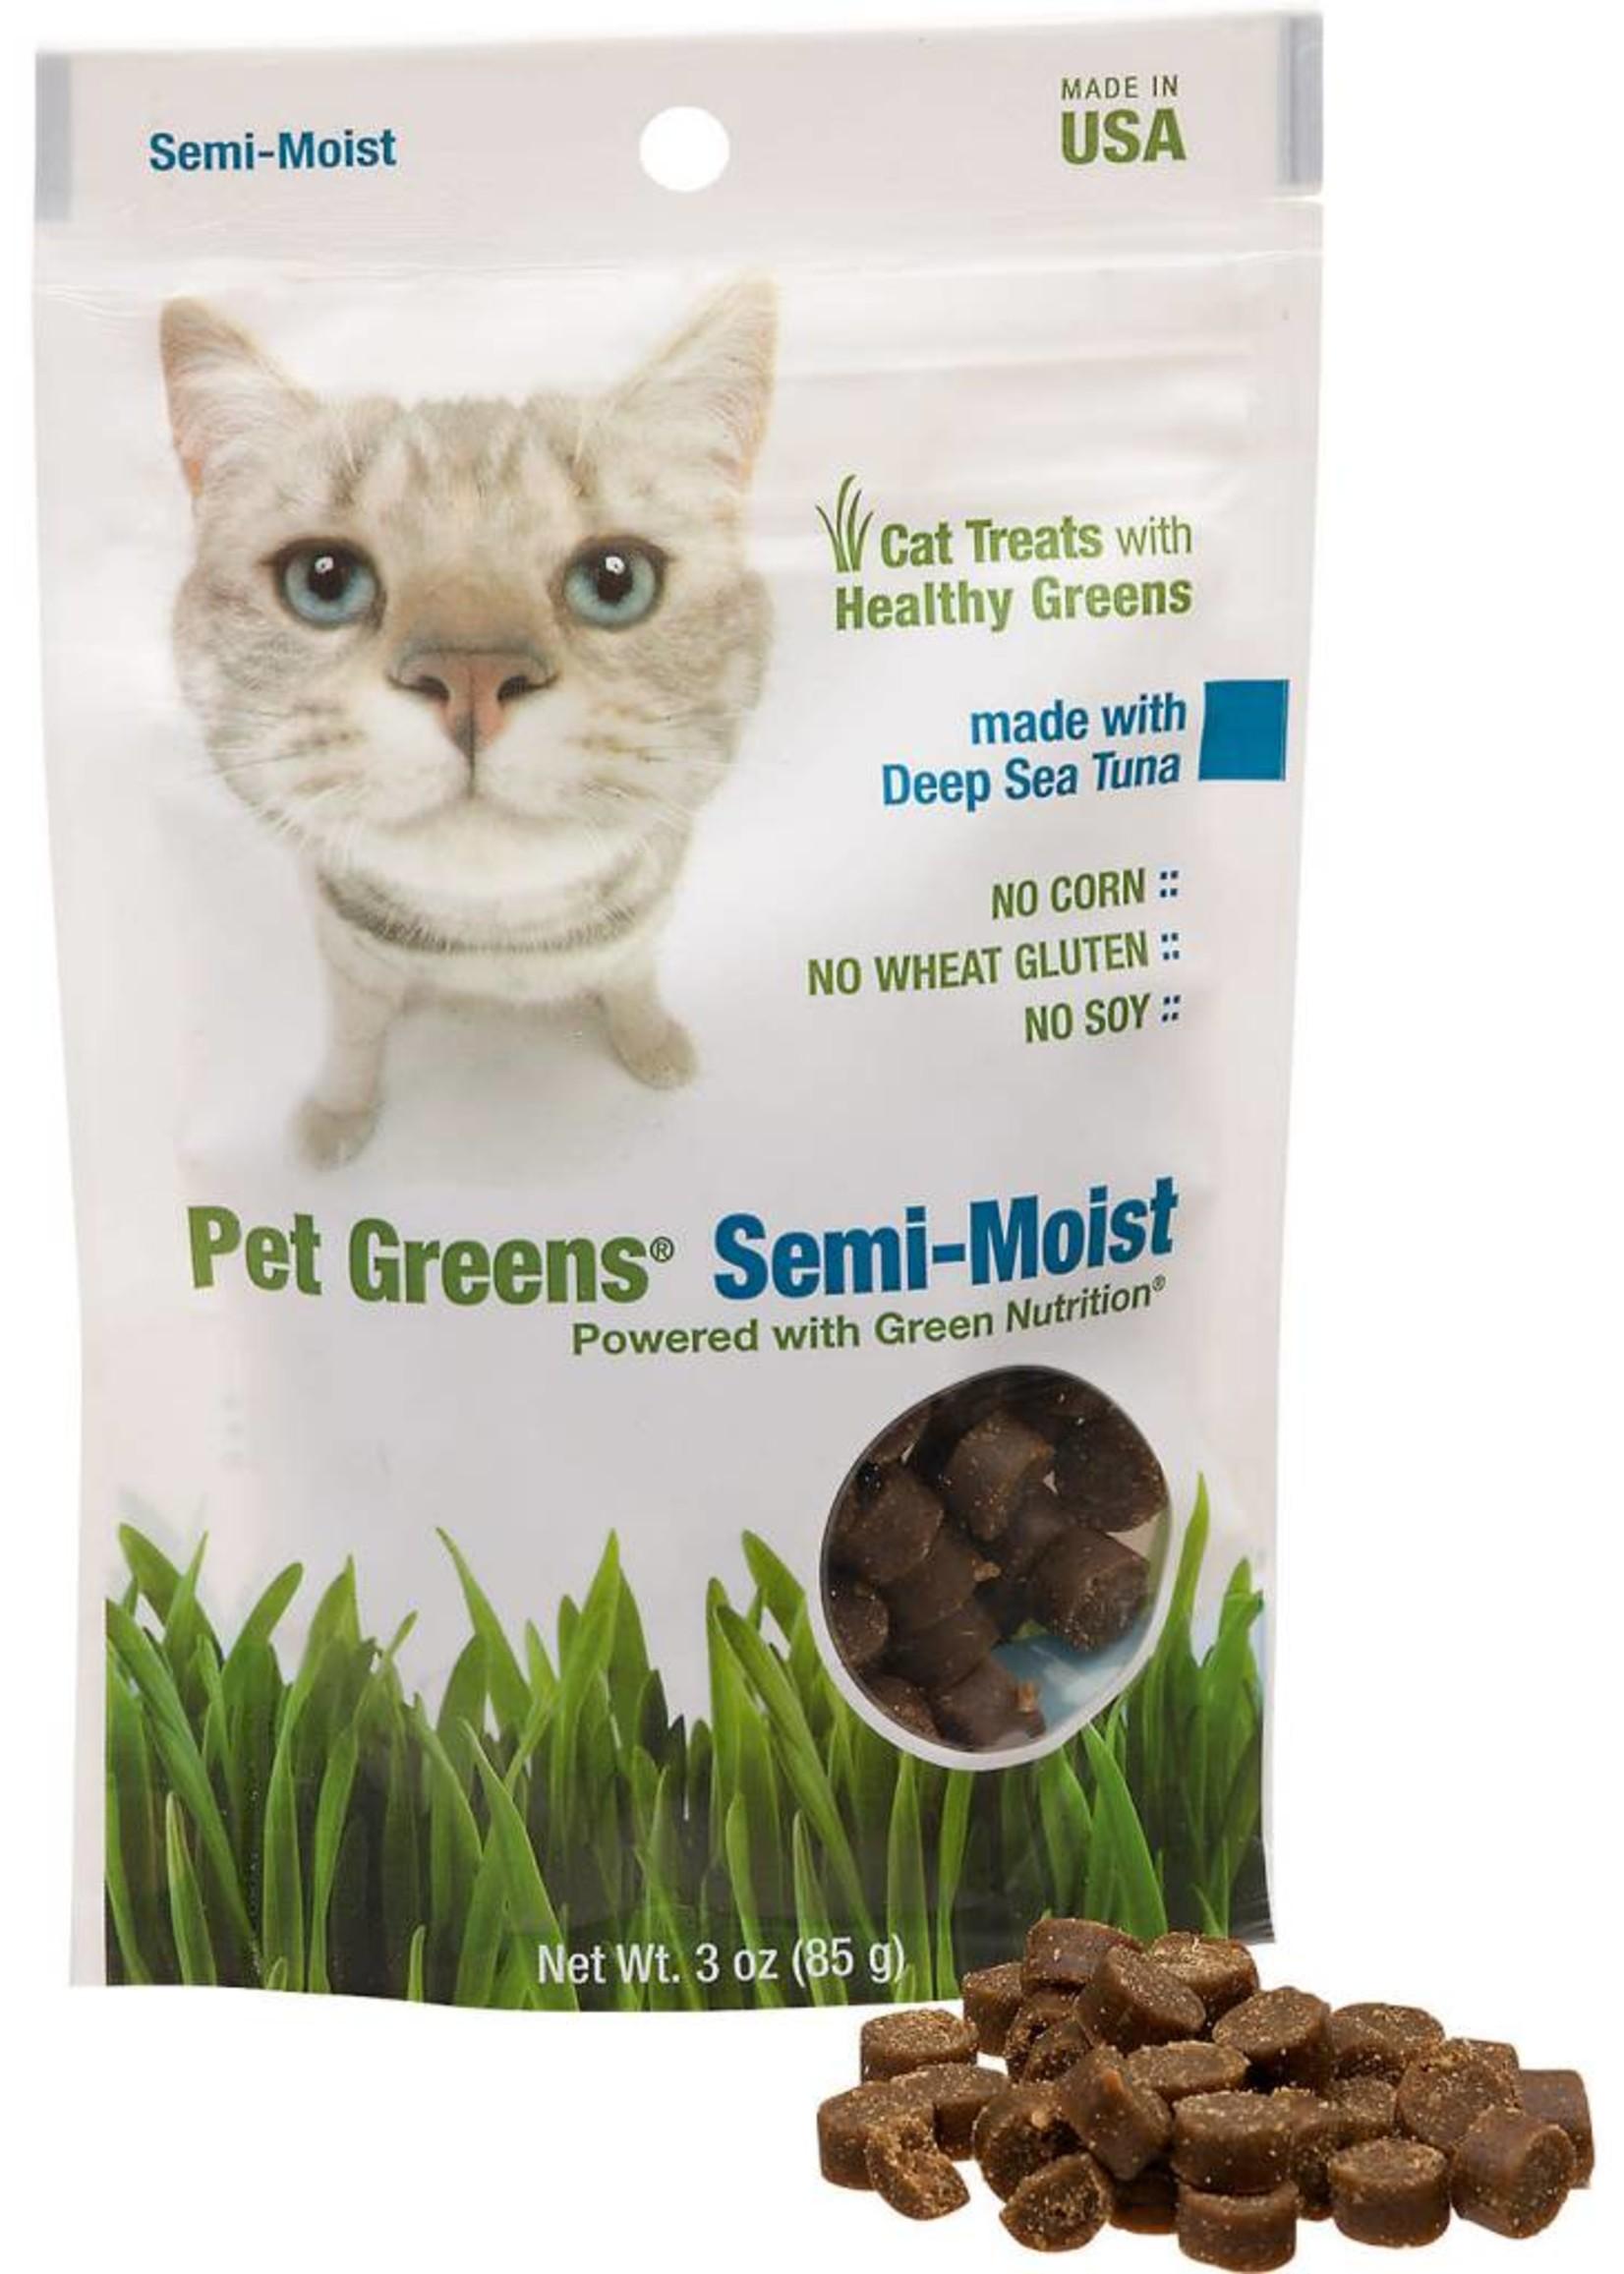 BELLROCK GROWERS INC Pet Greens Semi-Moist Tuna 3oz